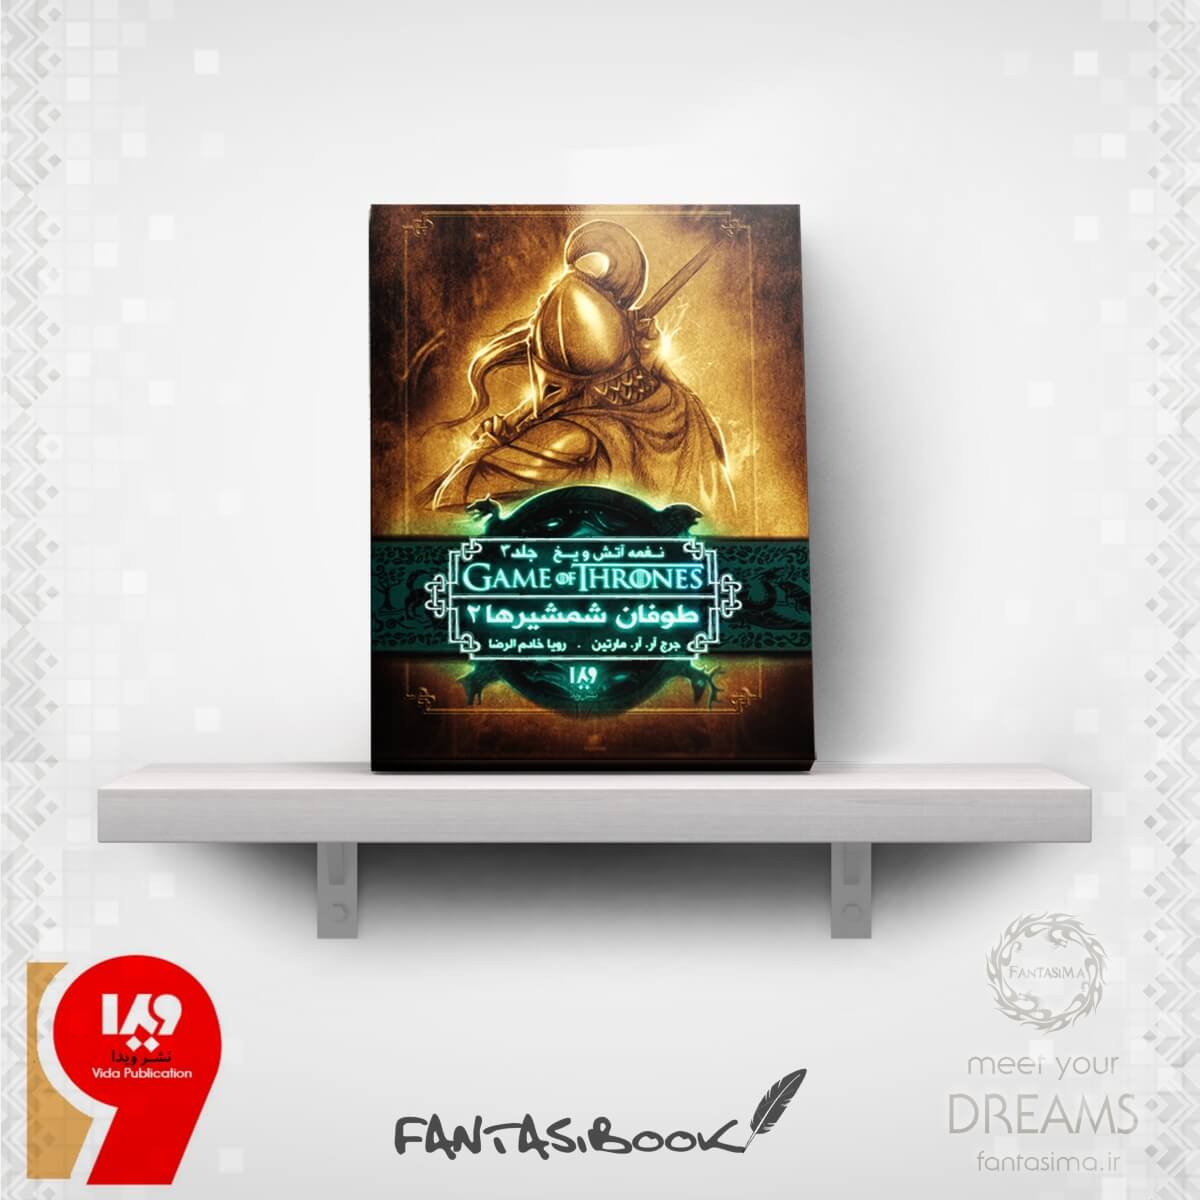 کتاب نغمه آتش و یخ - جلد 07 - طوفان شمشیرها 2